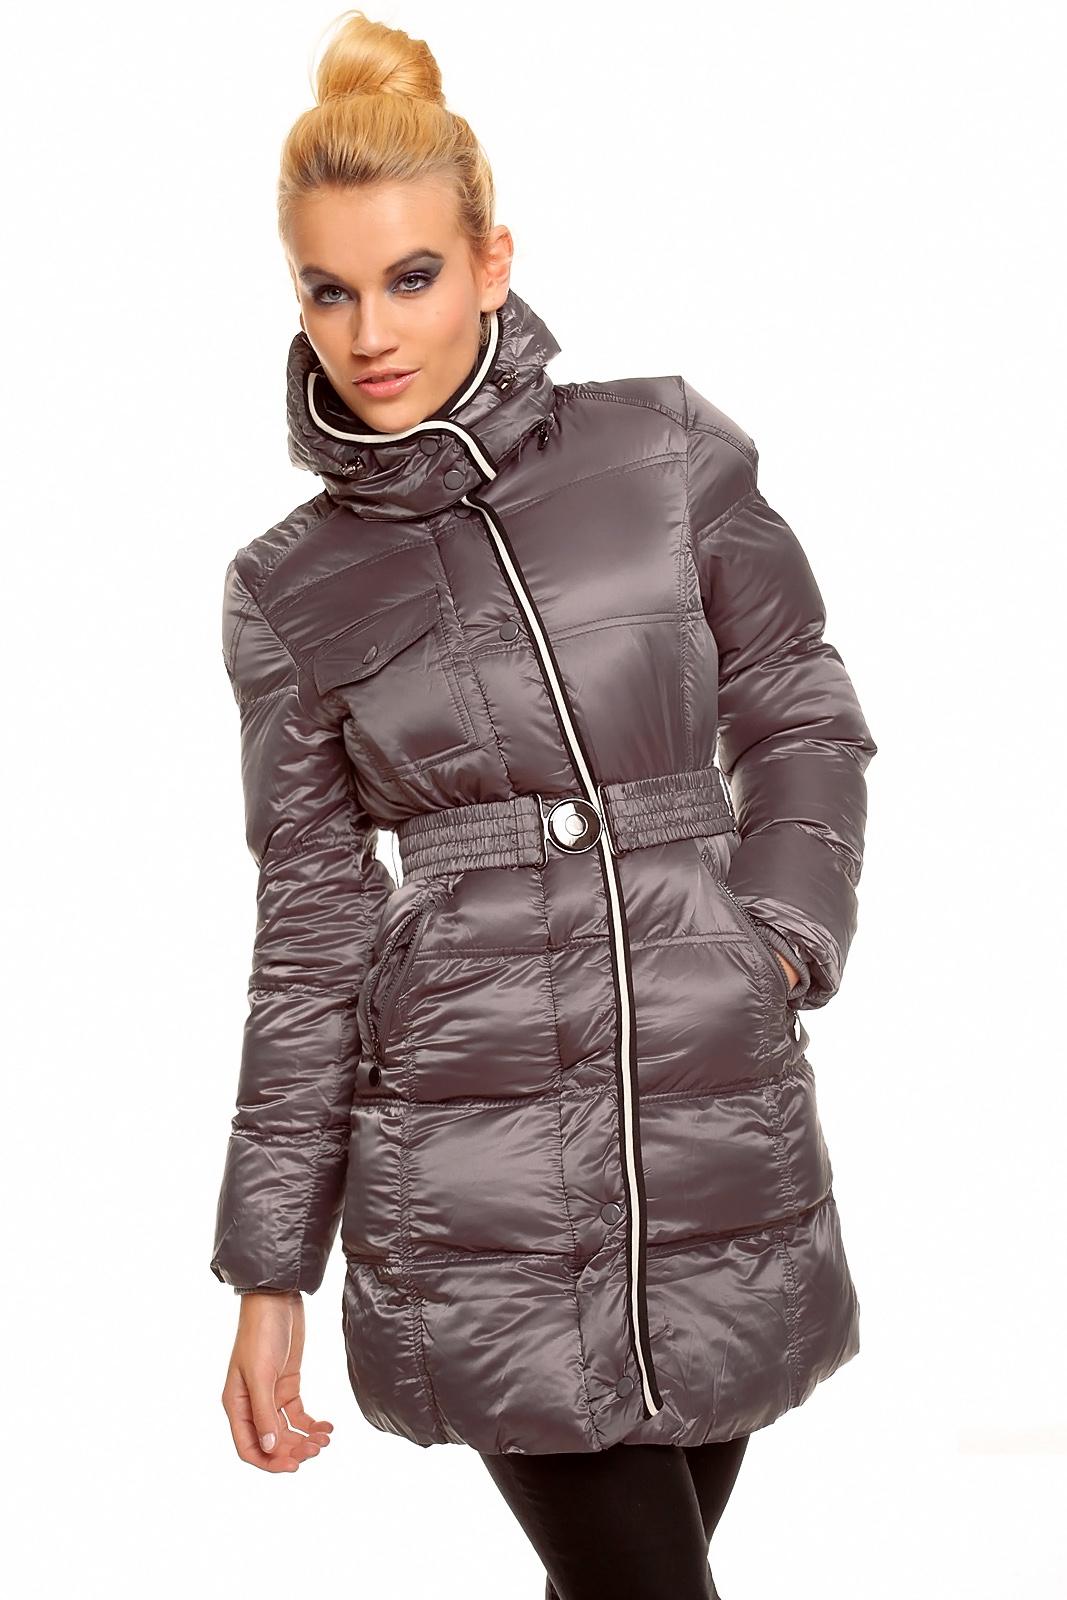 99ef9838e129 Šedá zimní dlouhá dámská bunda s páskem